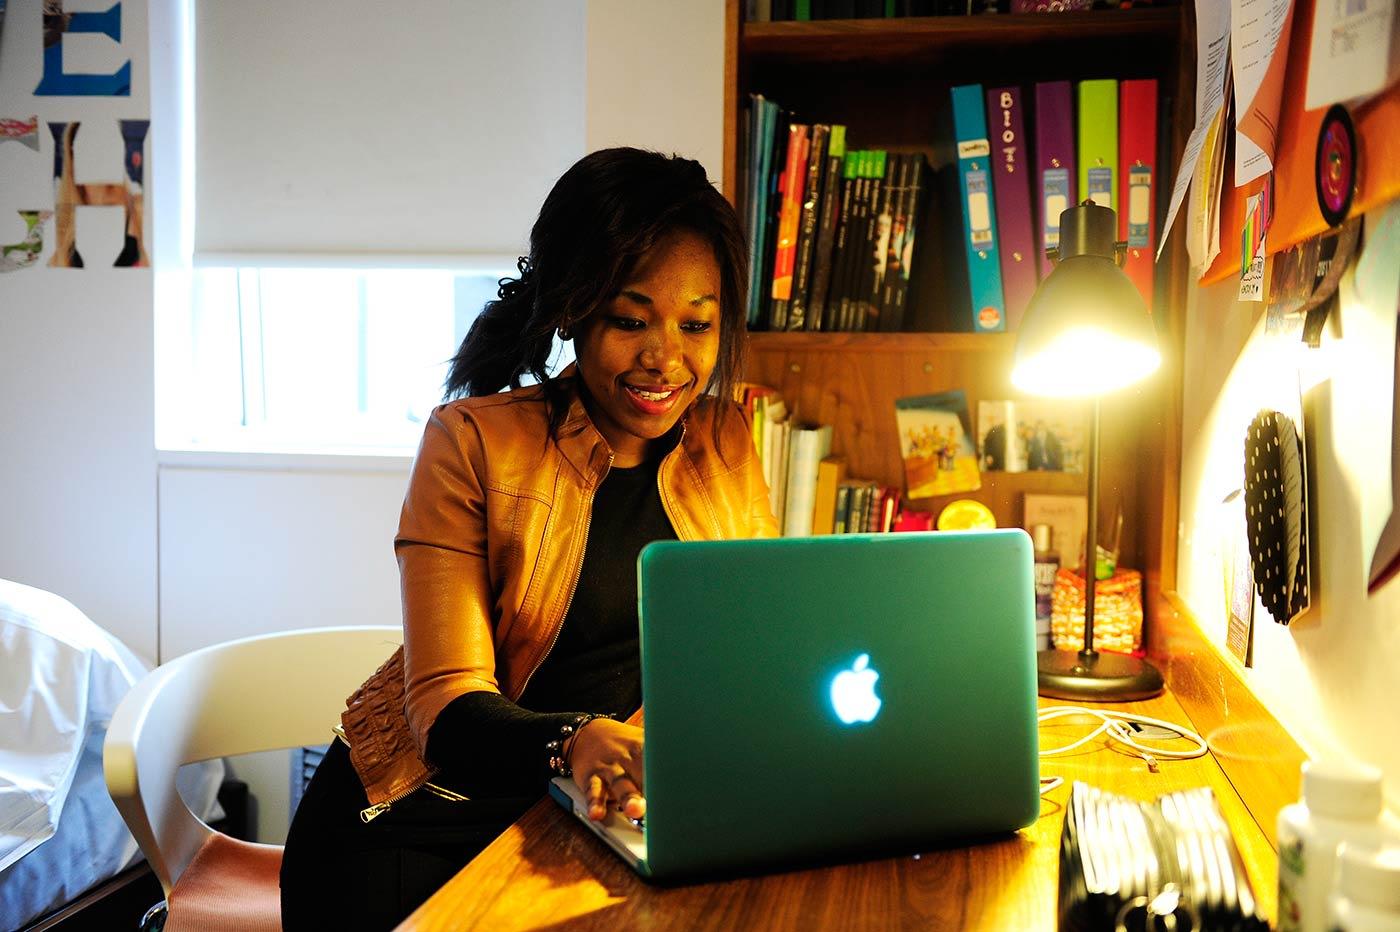 高质量的住宿让你的学习与生活更加便利轻松